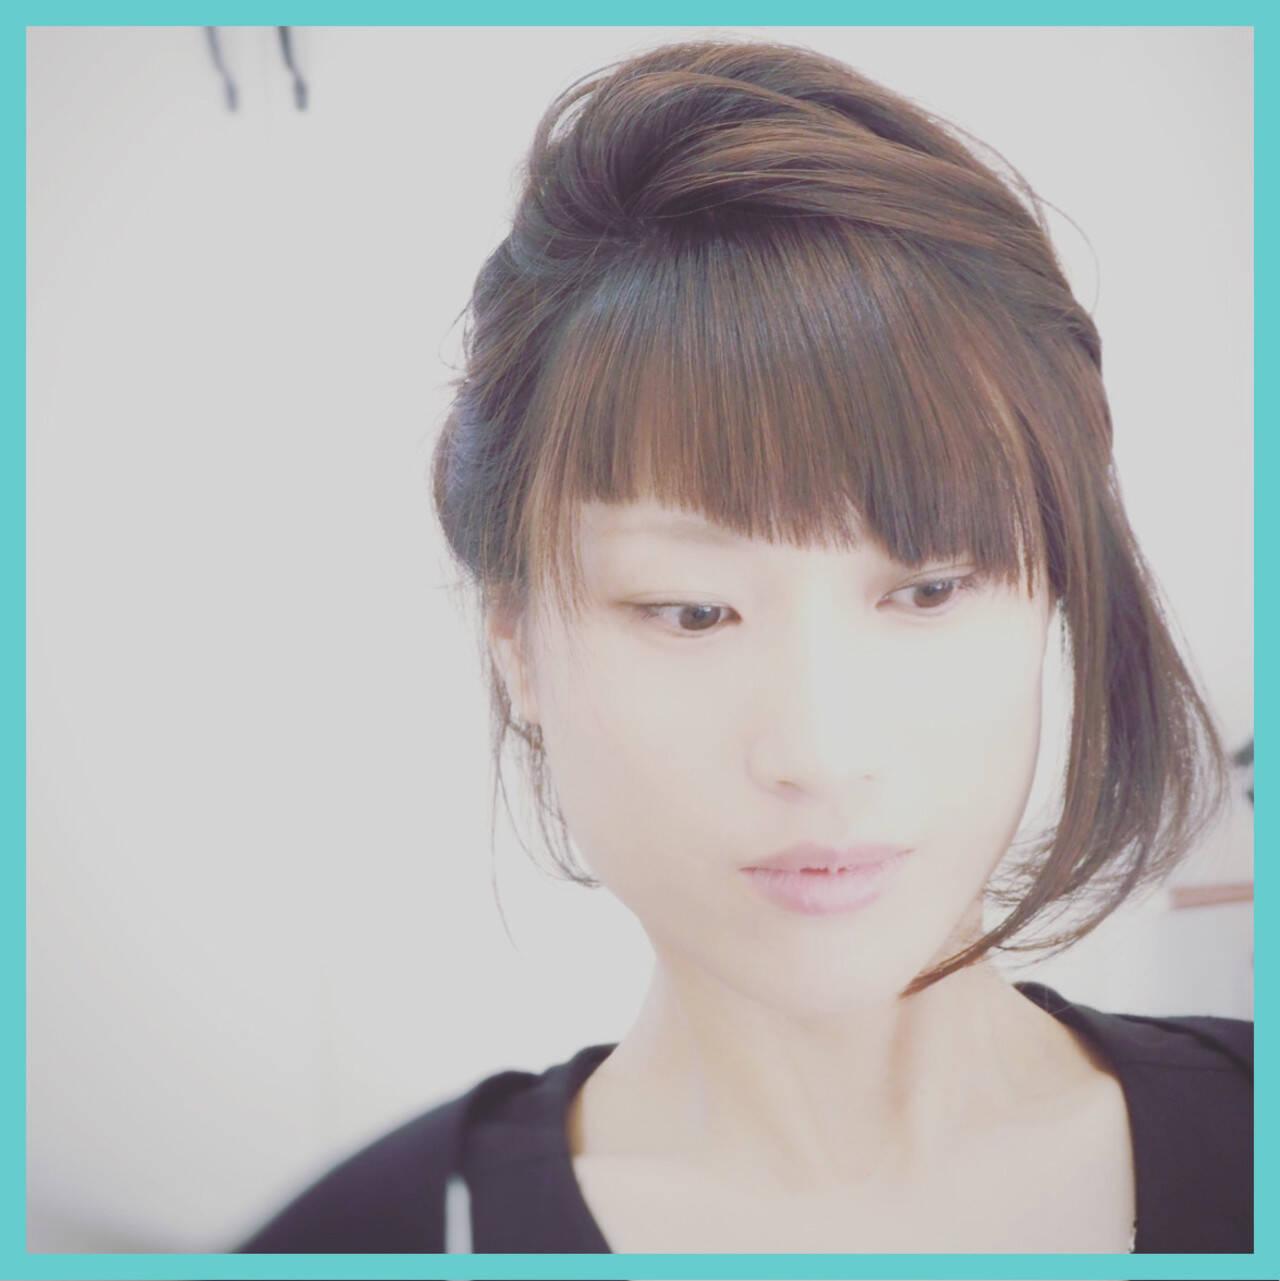 ショート ハーフアップ ヘアアレンジ ボブヘアスタイルや髪型の写真・画像